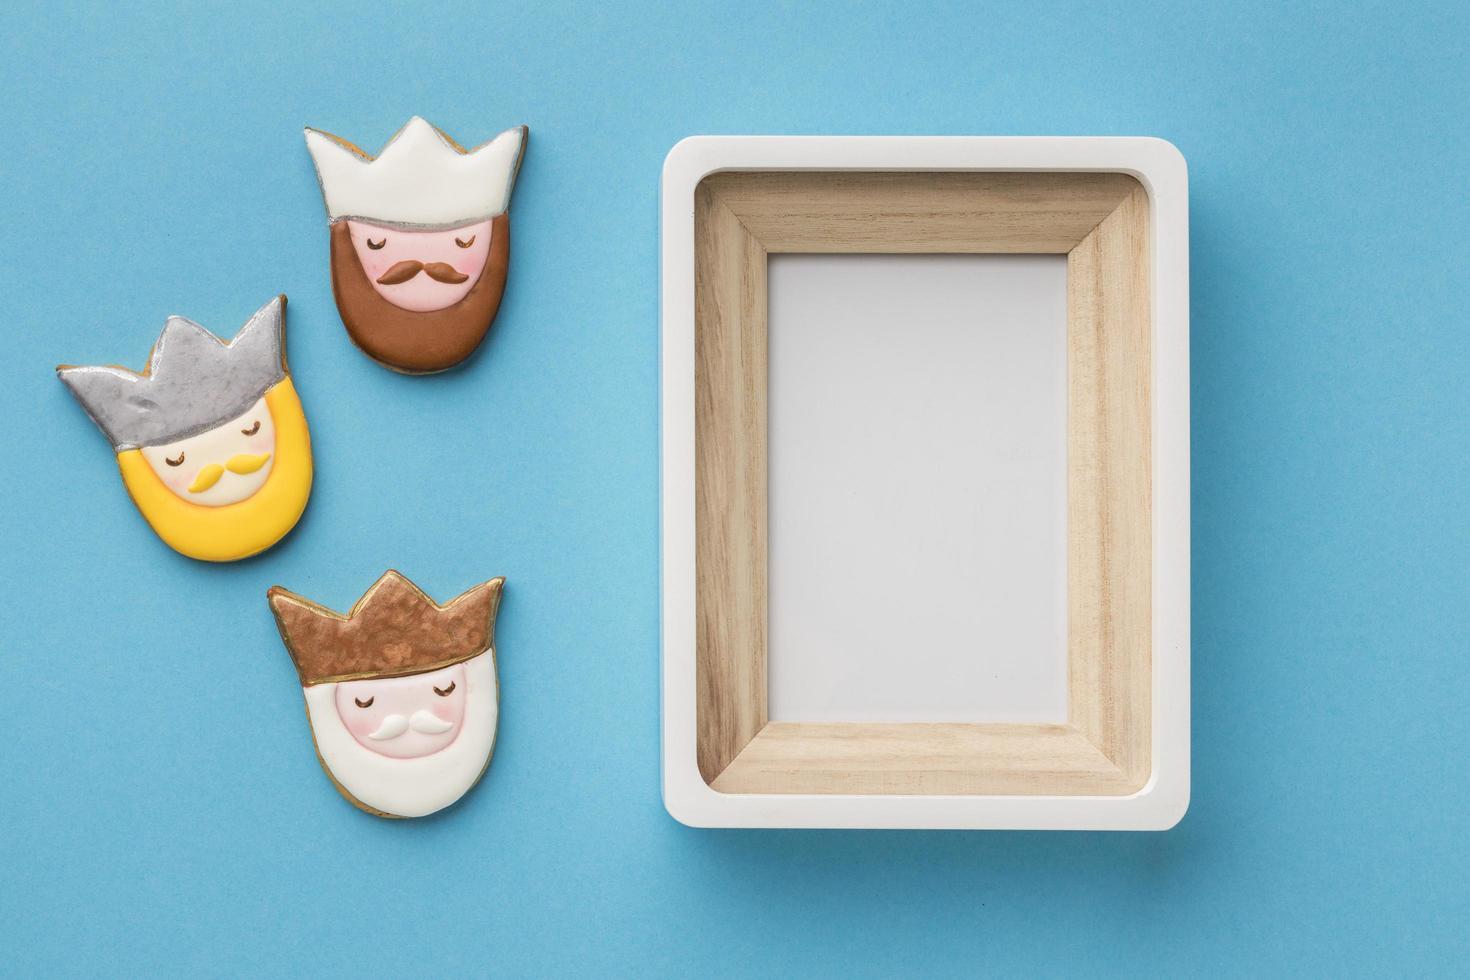 Galletas de tres reyes y marco de imagen en blanco foto